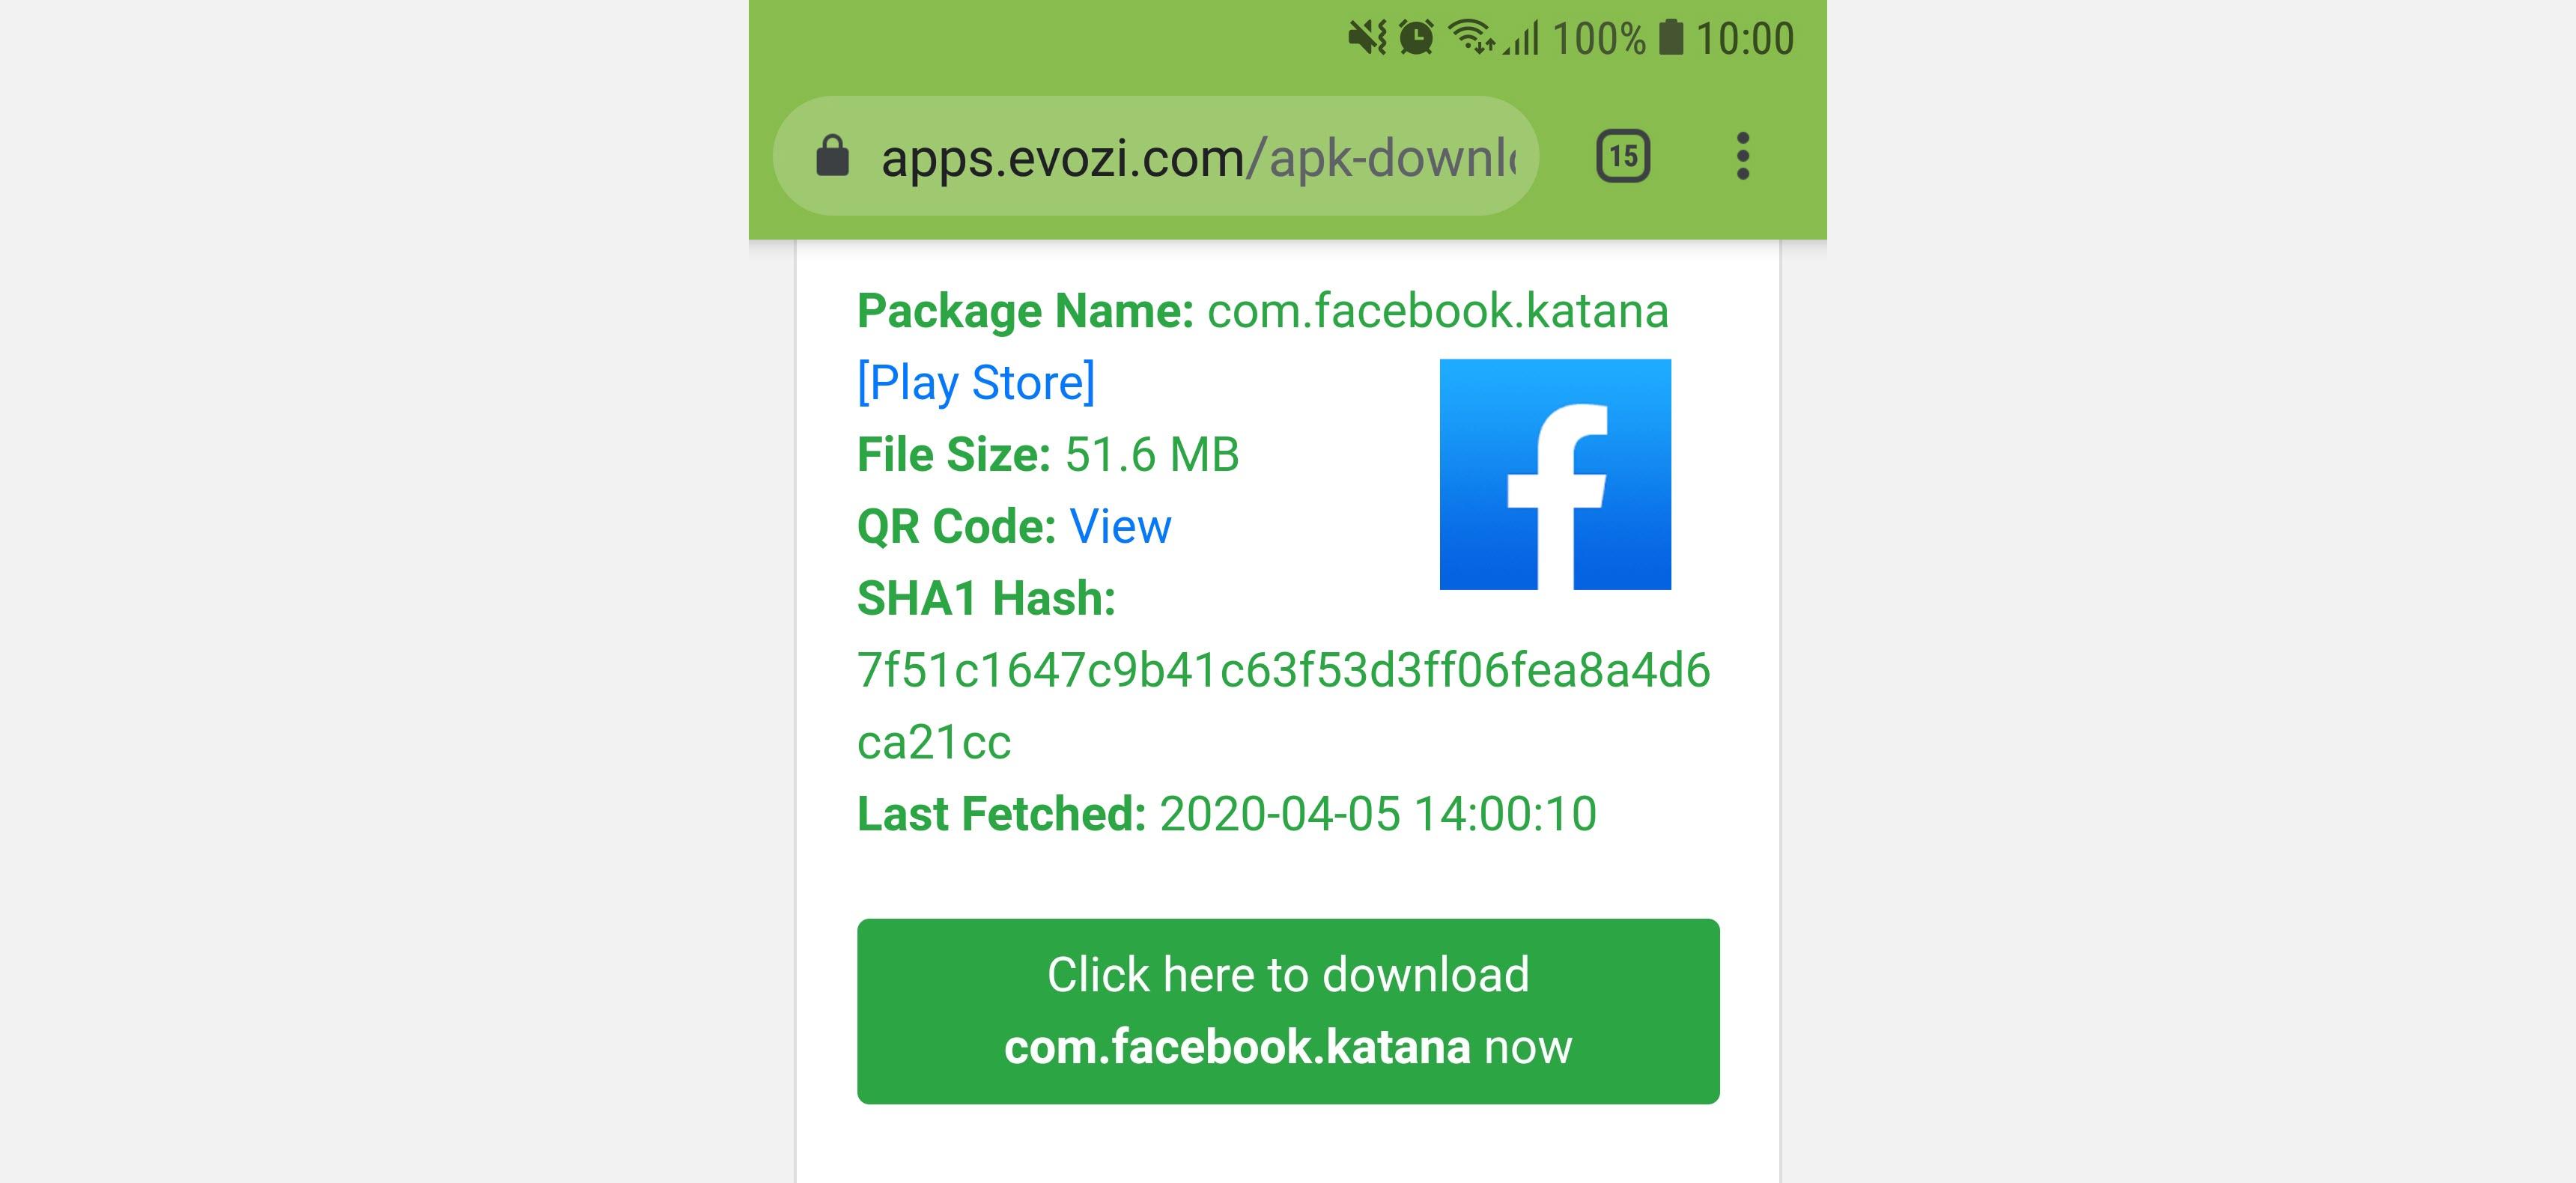 APK Downloader descarga aplicaciones SIN Play Store